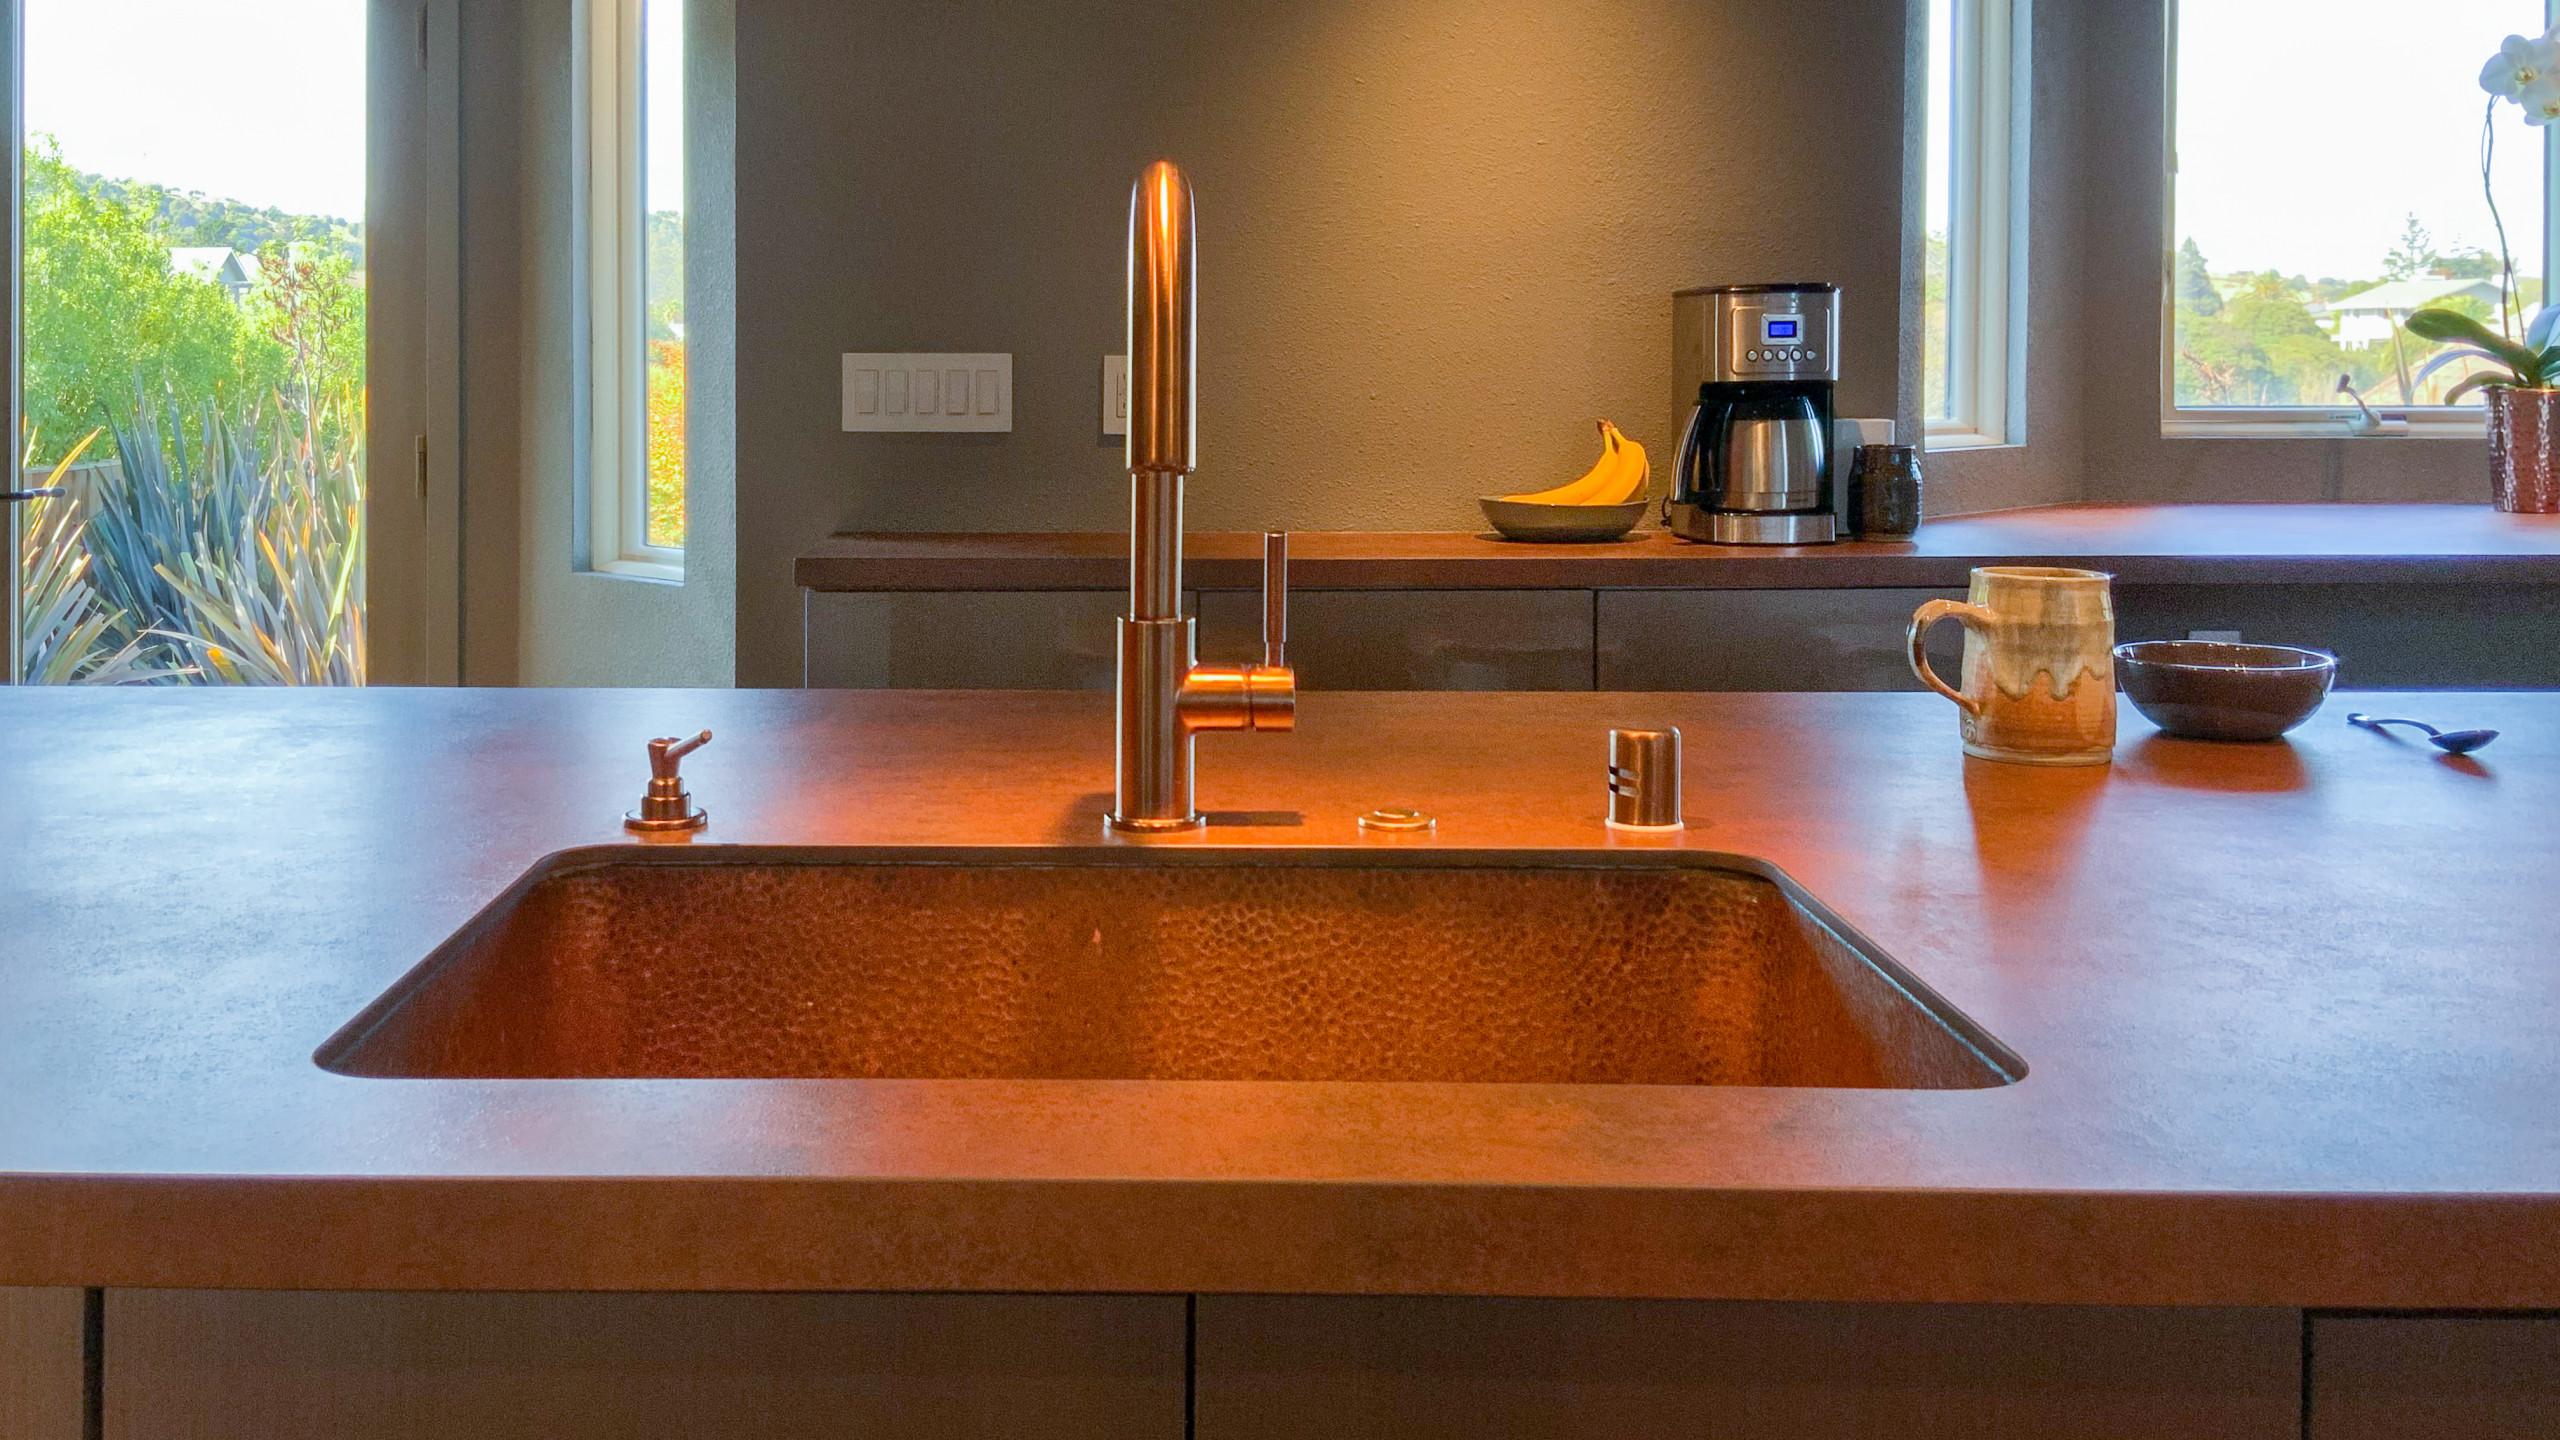 Modern Industrial Kitchen Remodel